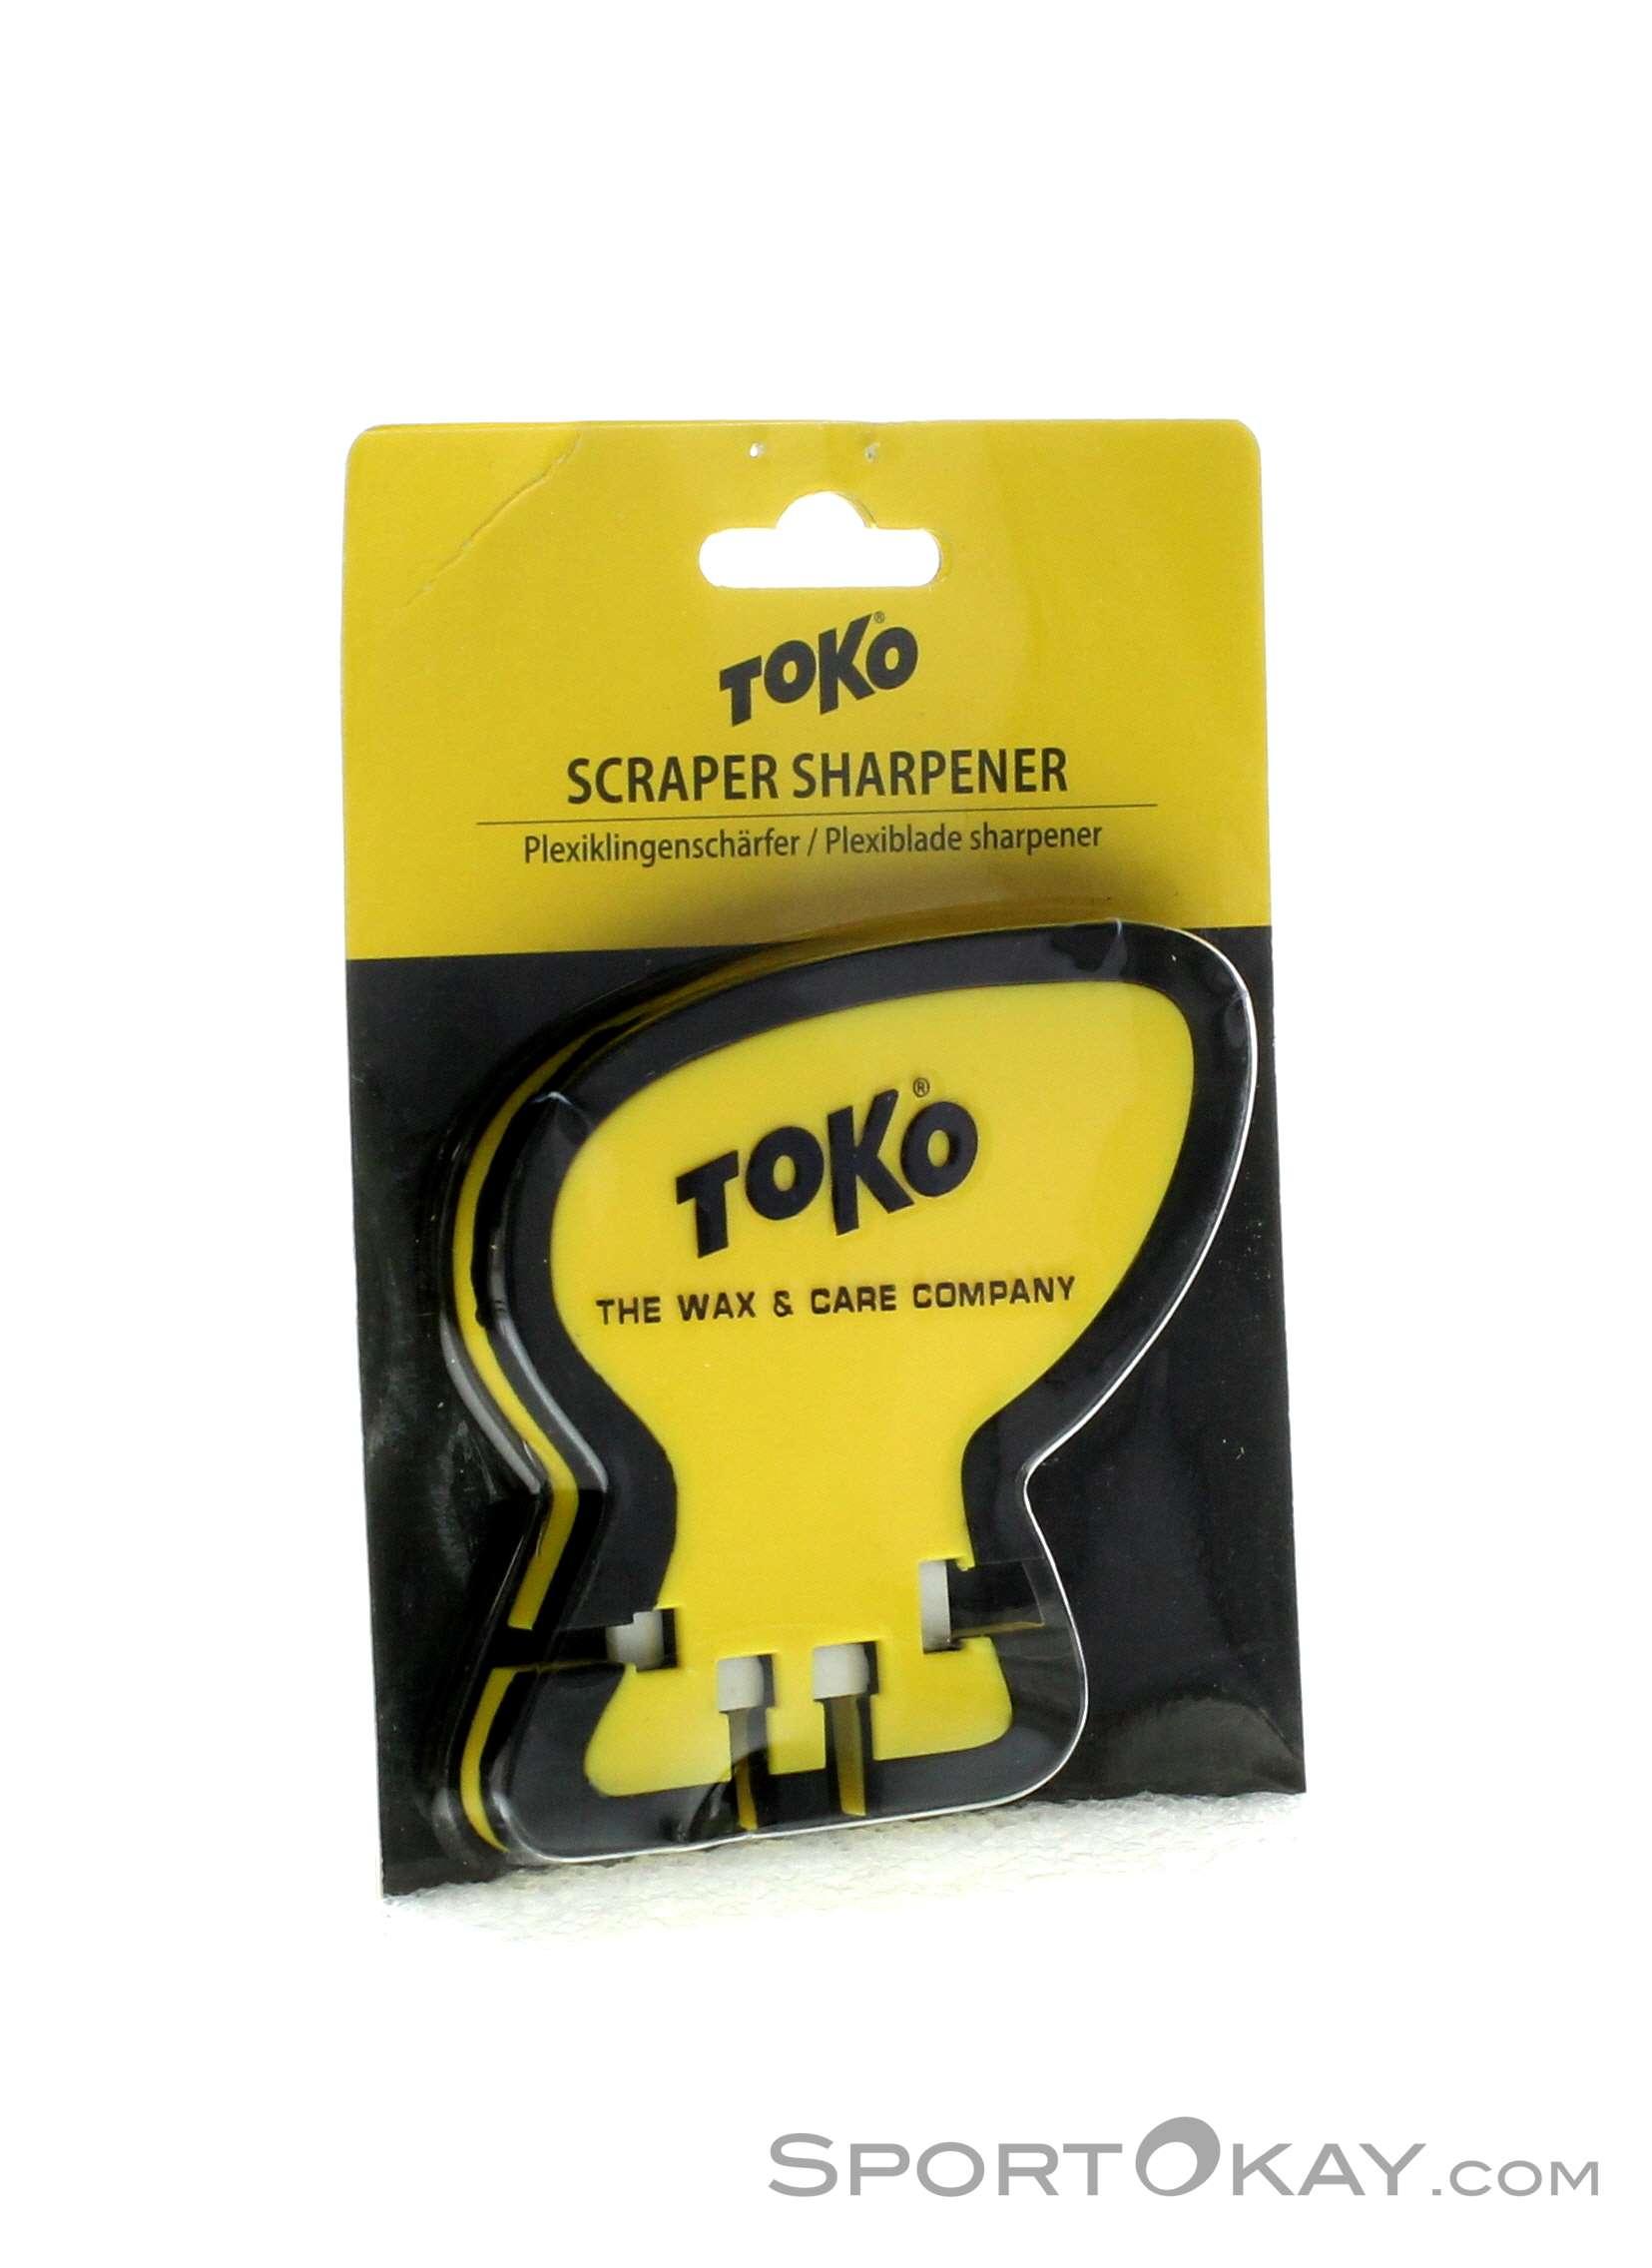 Toko Scraper Sharpener Werkzeug-Gelb